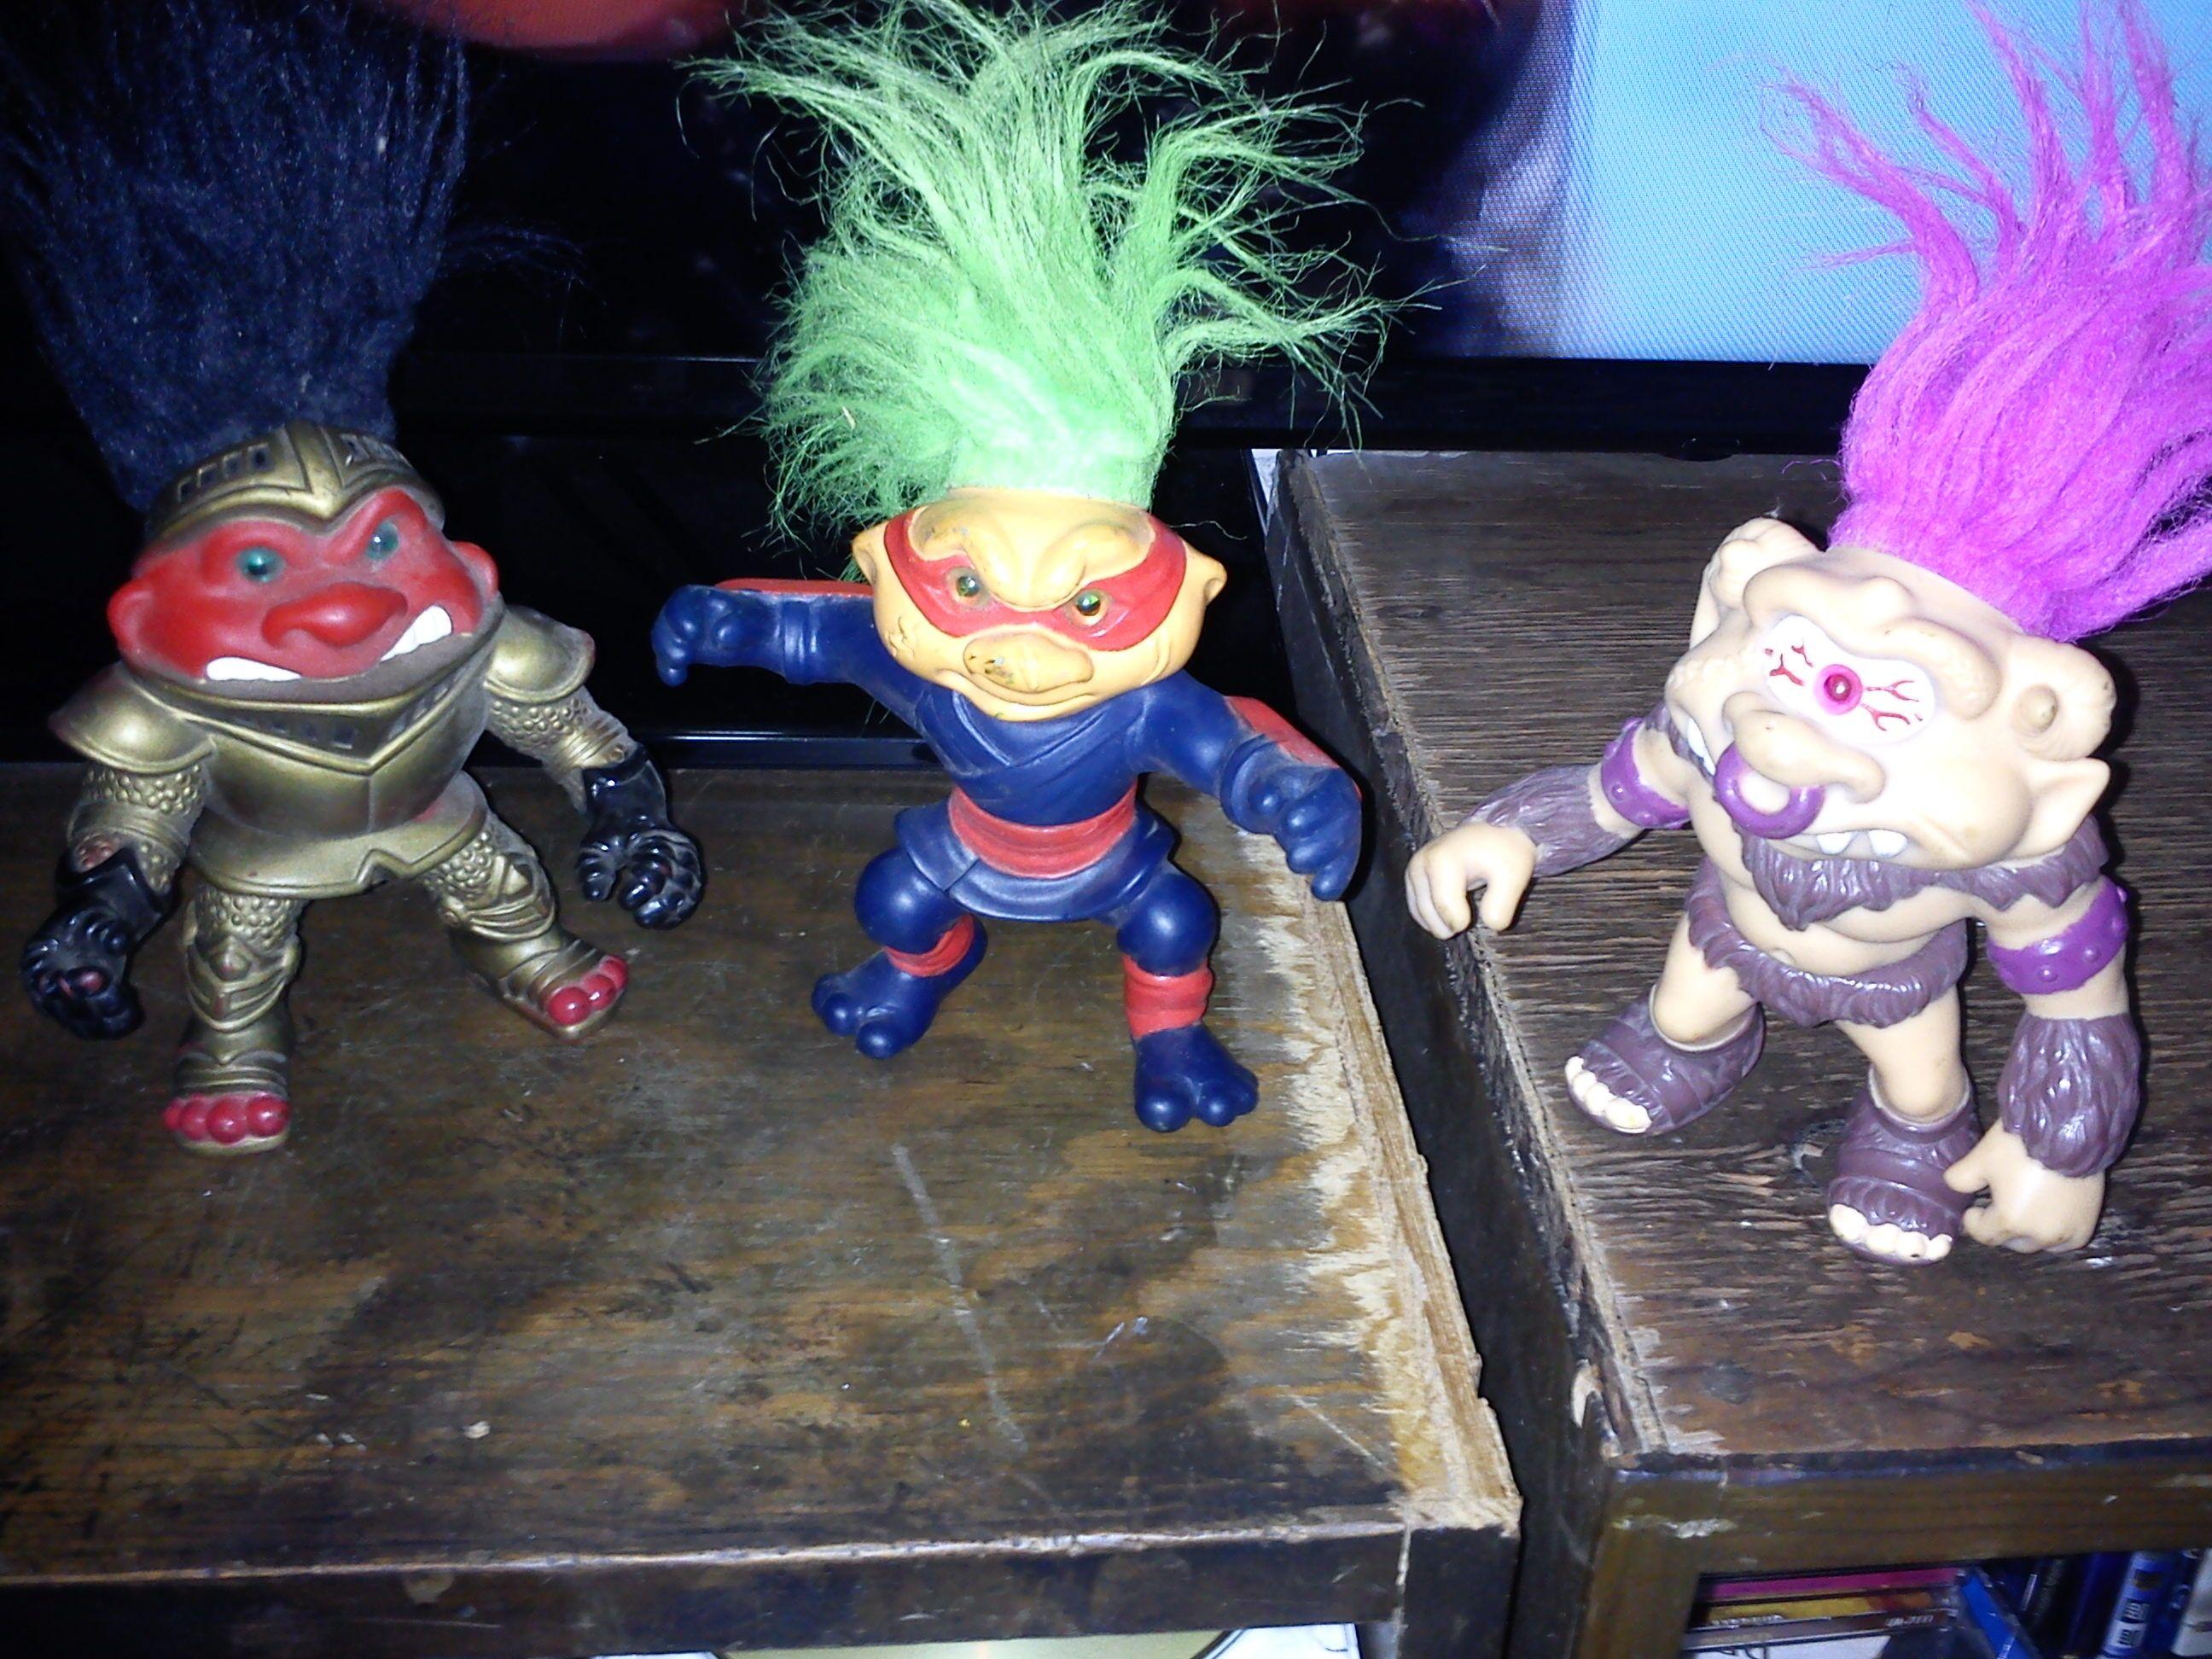 Battle Trolls